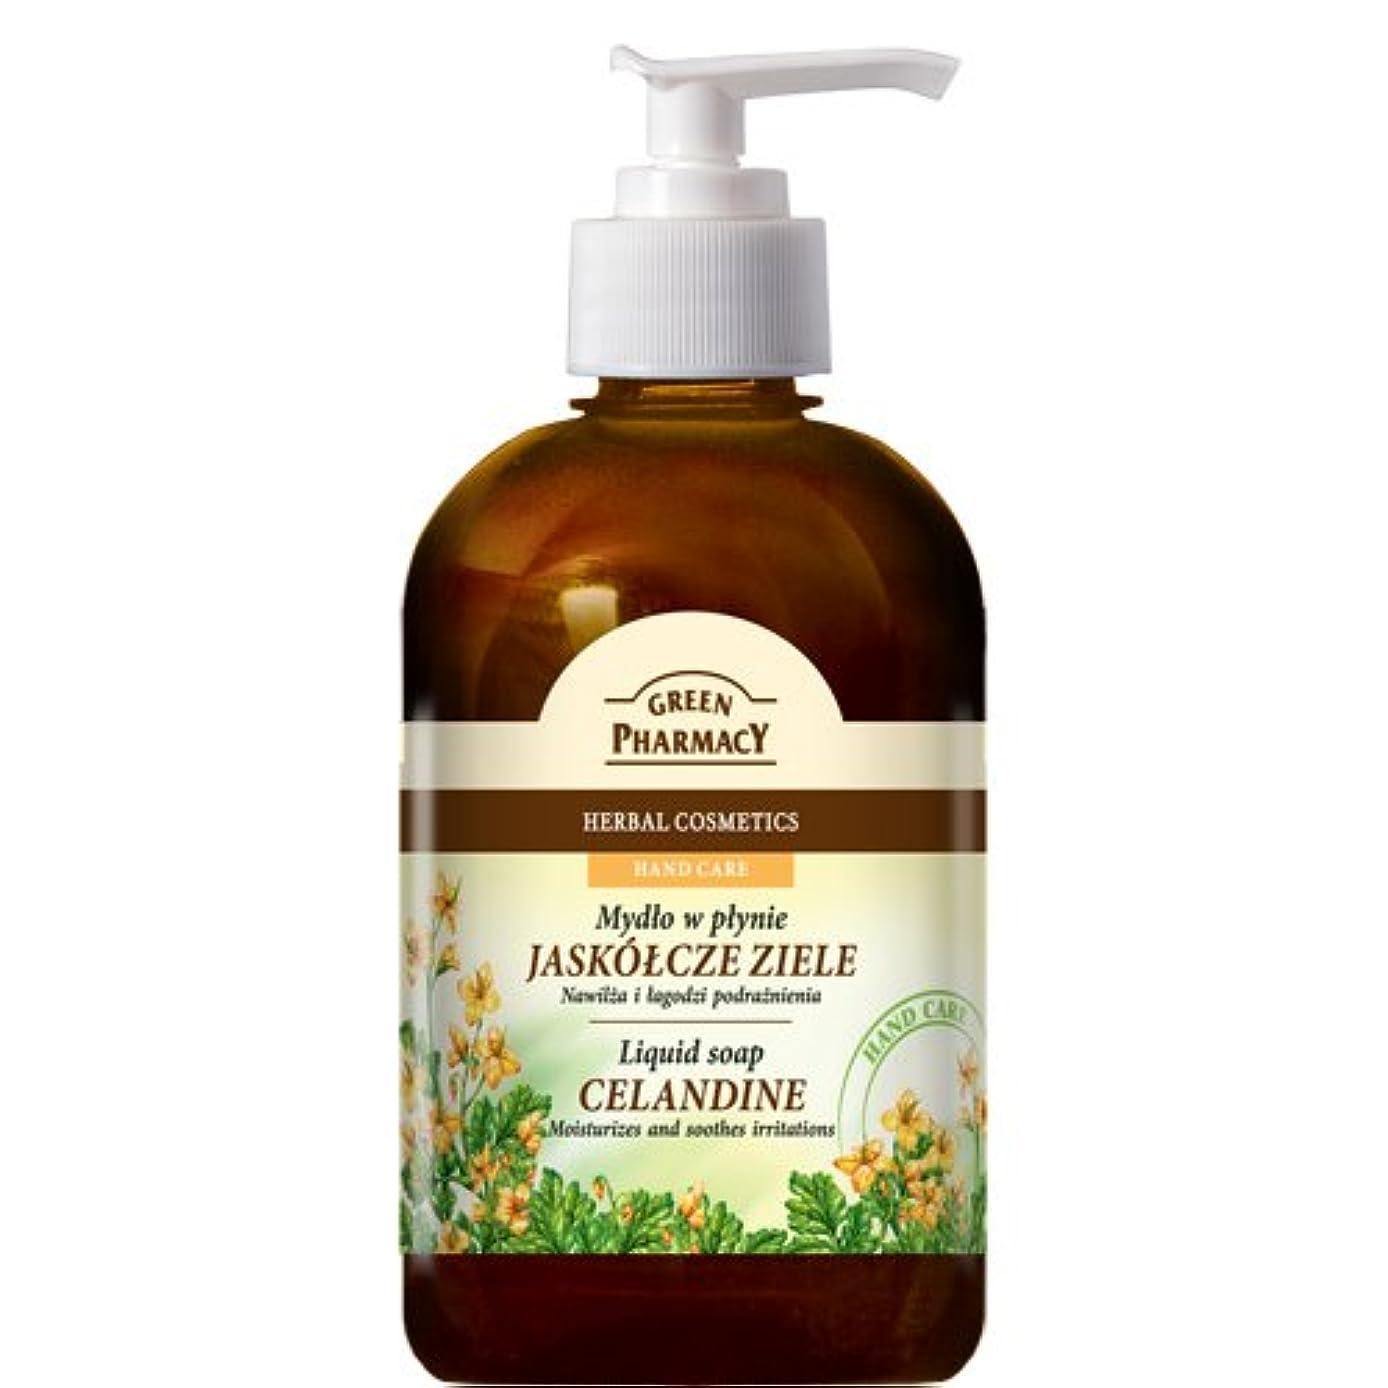 光景日常的にリベラルElfa Pharm Green Pharmacy グリーンファーマシー Liquid Soap リキッドソープ Celandine クサノオウ